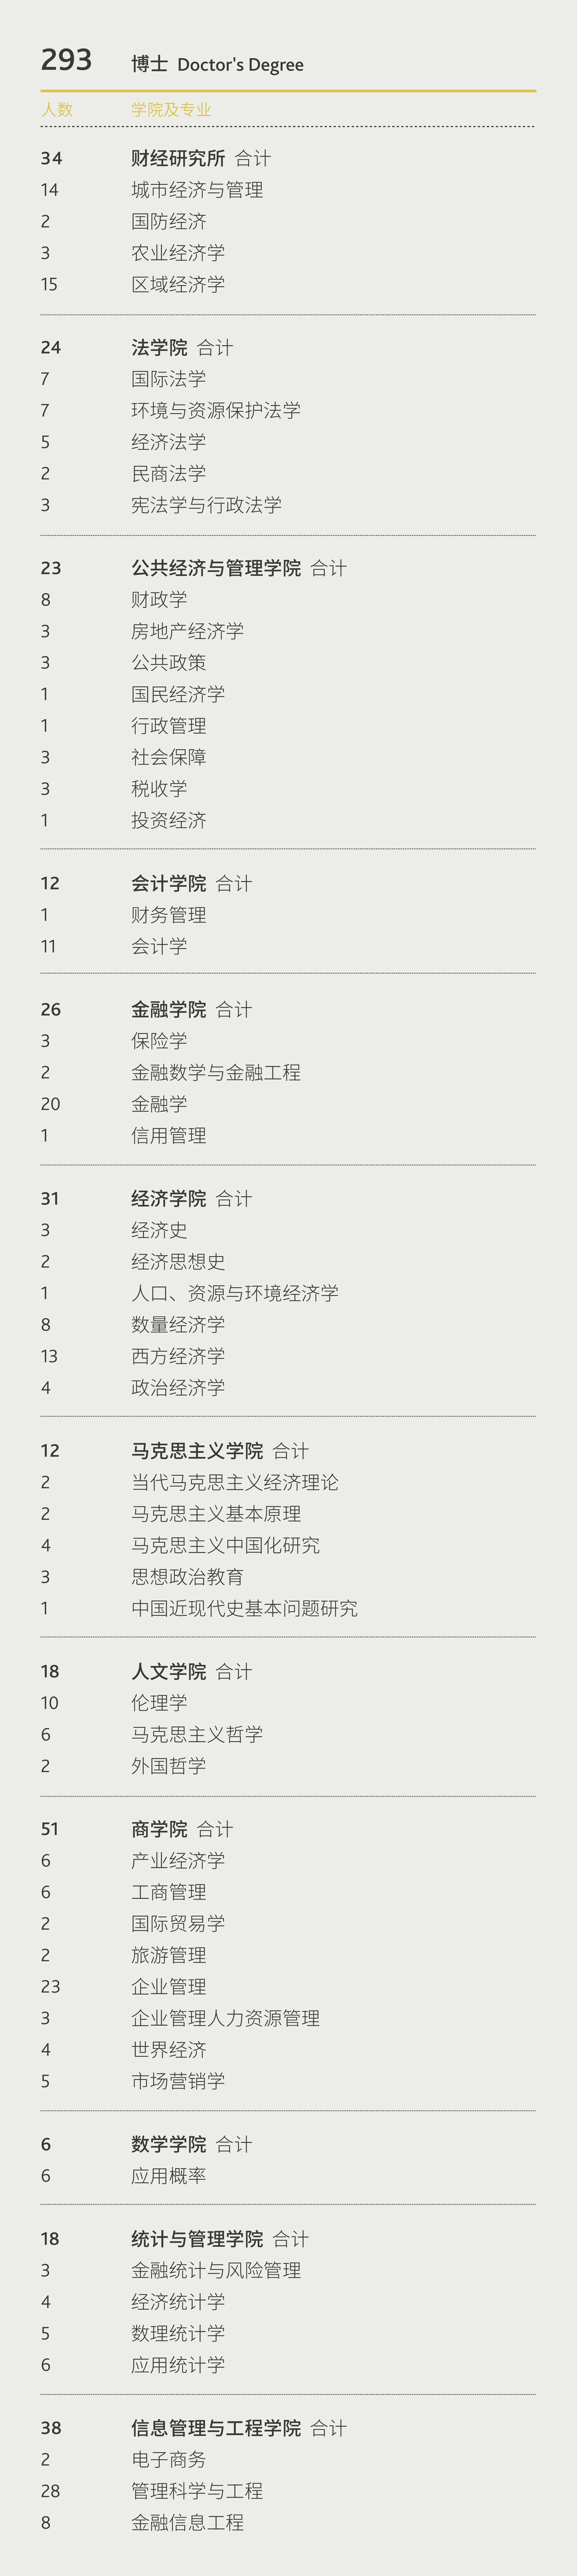 2022毕业生生源及招聘服务wechat-07.jpg